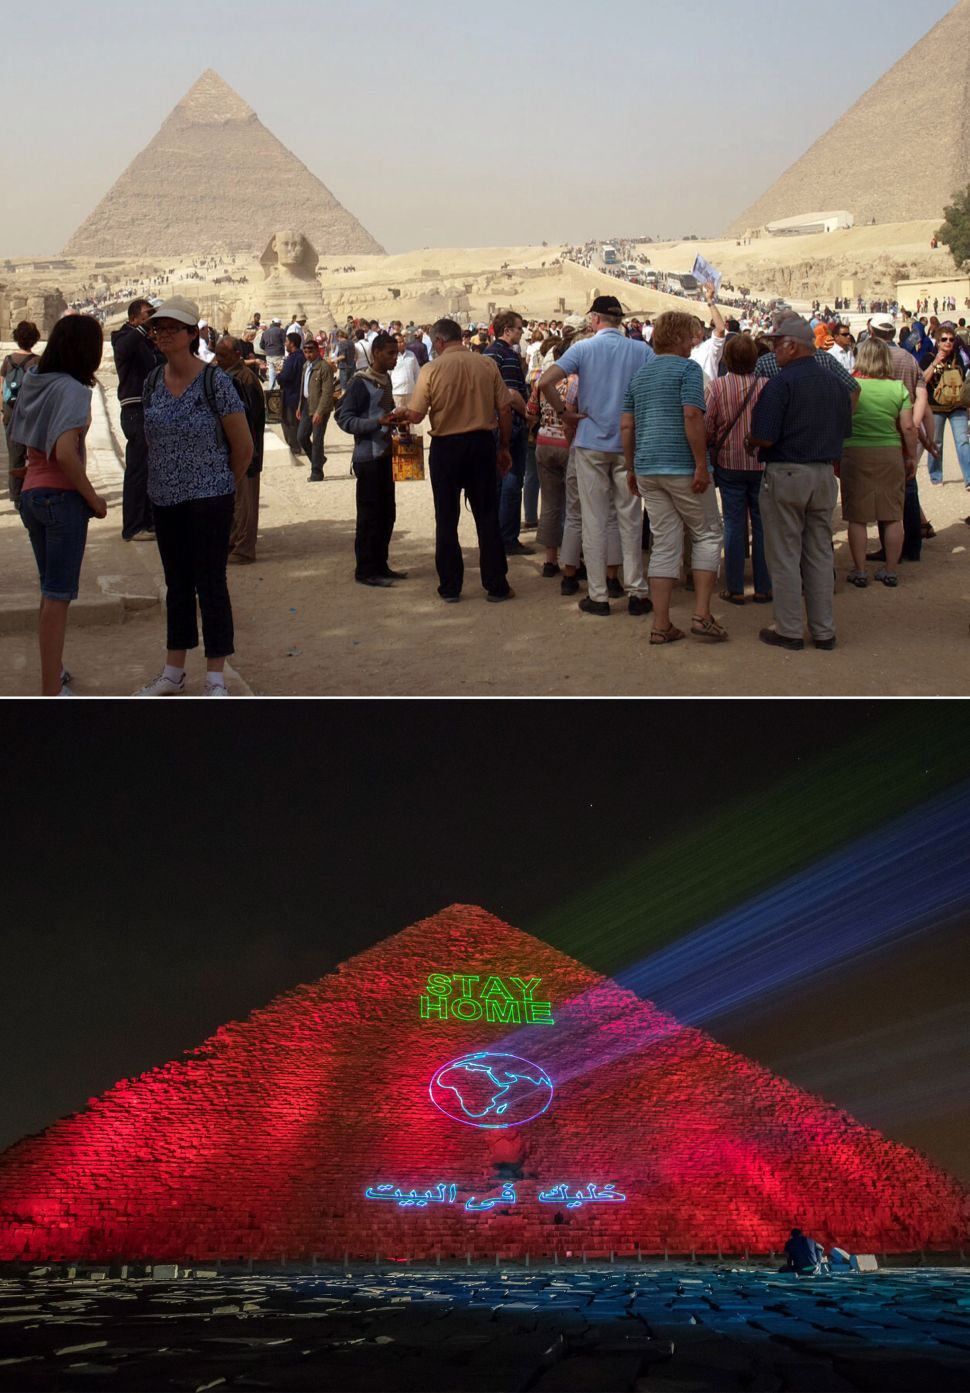 pyramids at giza egypt before and after coronavirus